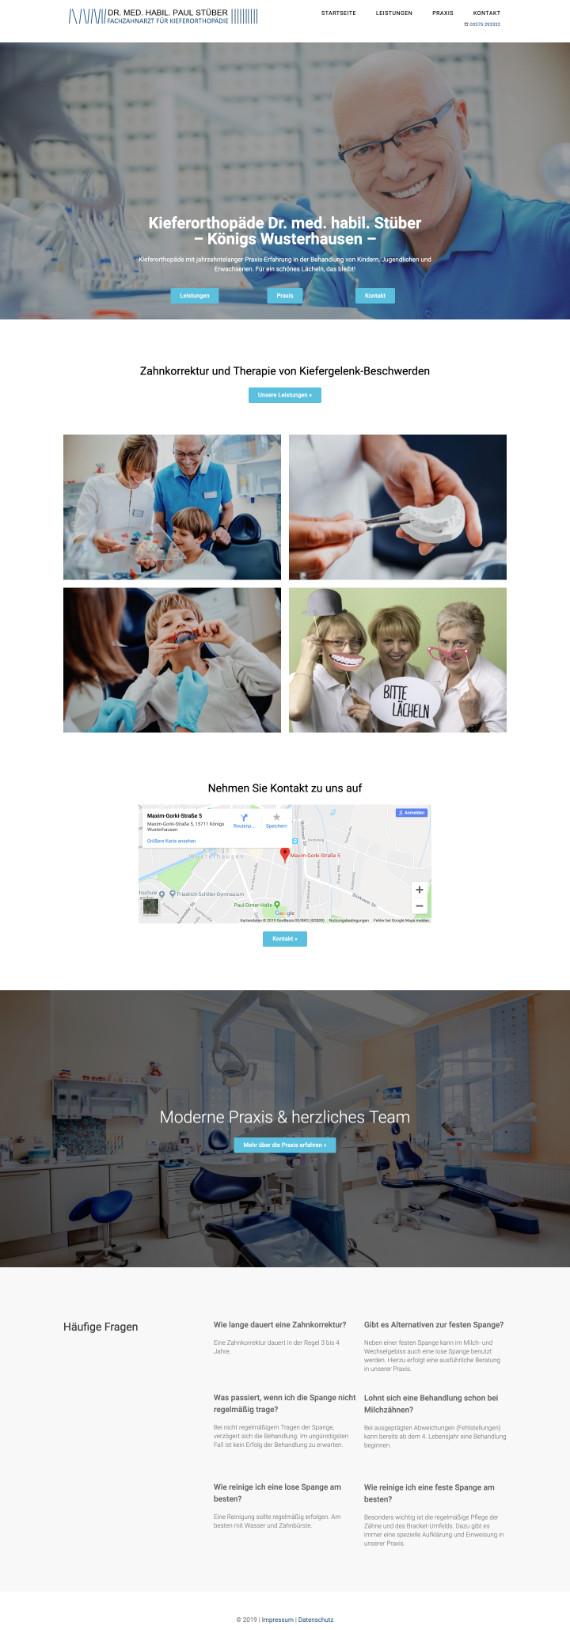 Webdesign für eine Kieferorthopädie